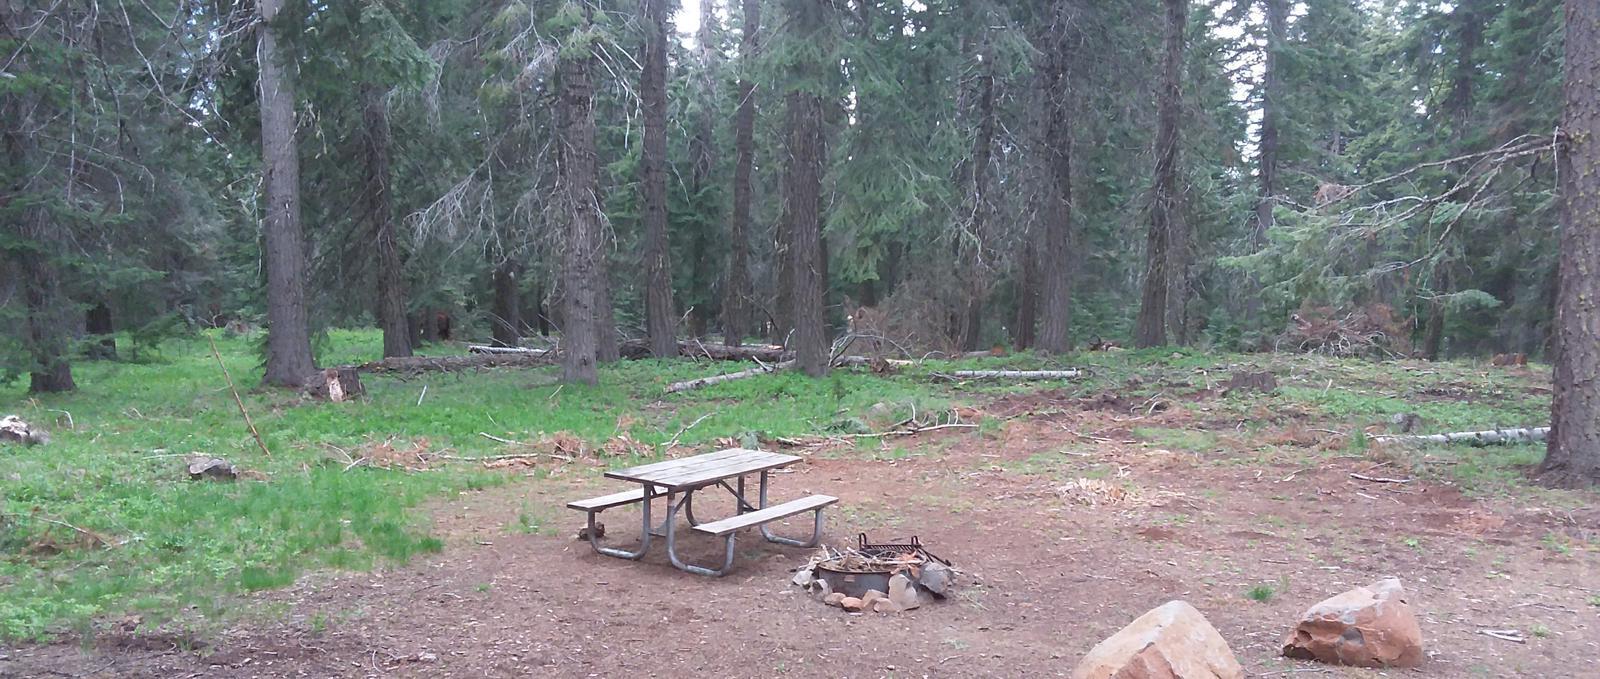 Campsite B17- Hyatt LakeCampsite 17, B Loop Hyatt Lake